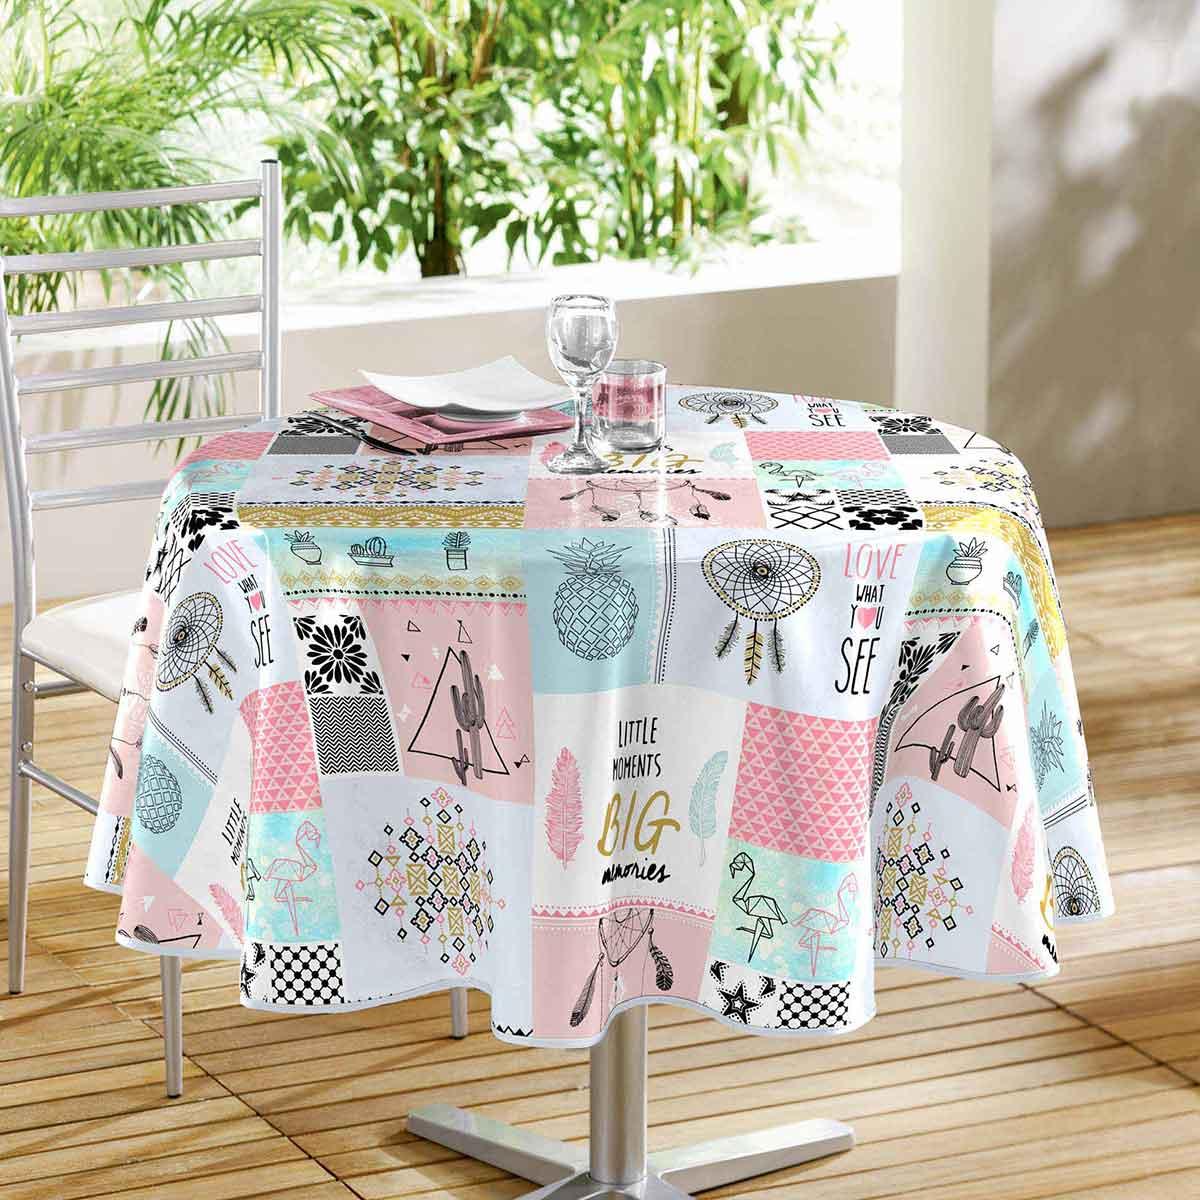 nappe ronde d co et design multicolore homemaison vente en ligne nappes rondes. Black Bedroom Furniture Sets. Home Design Ideas